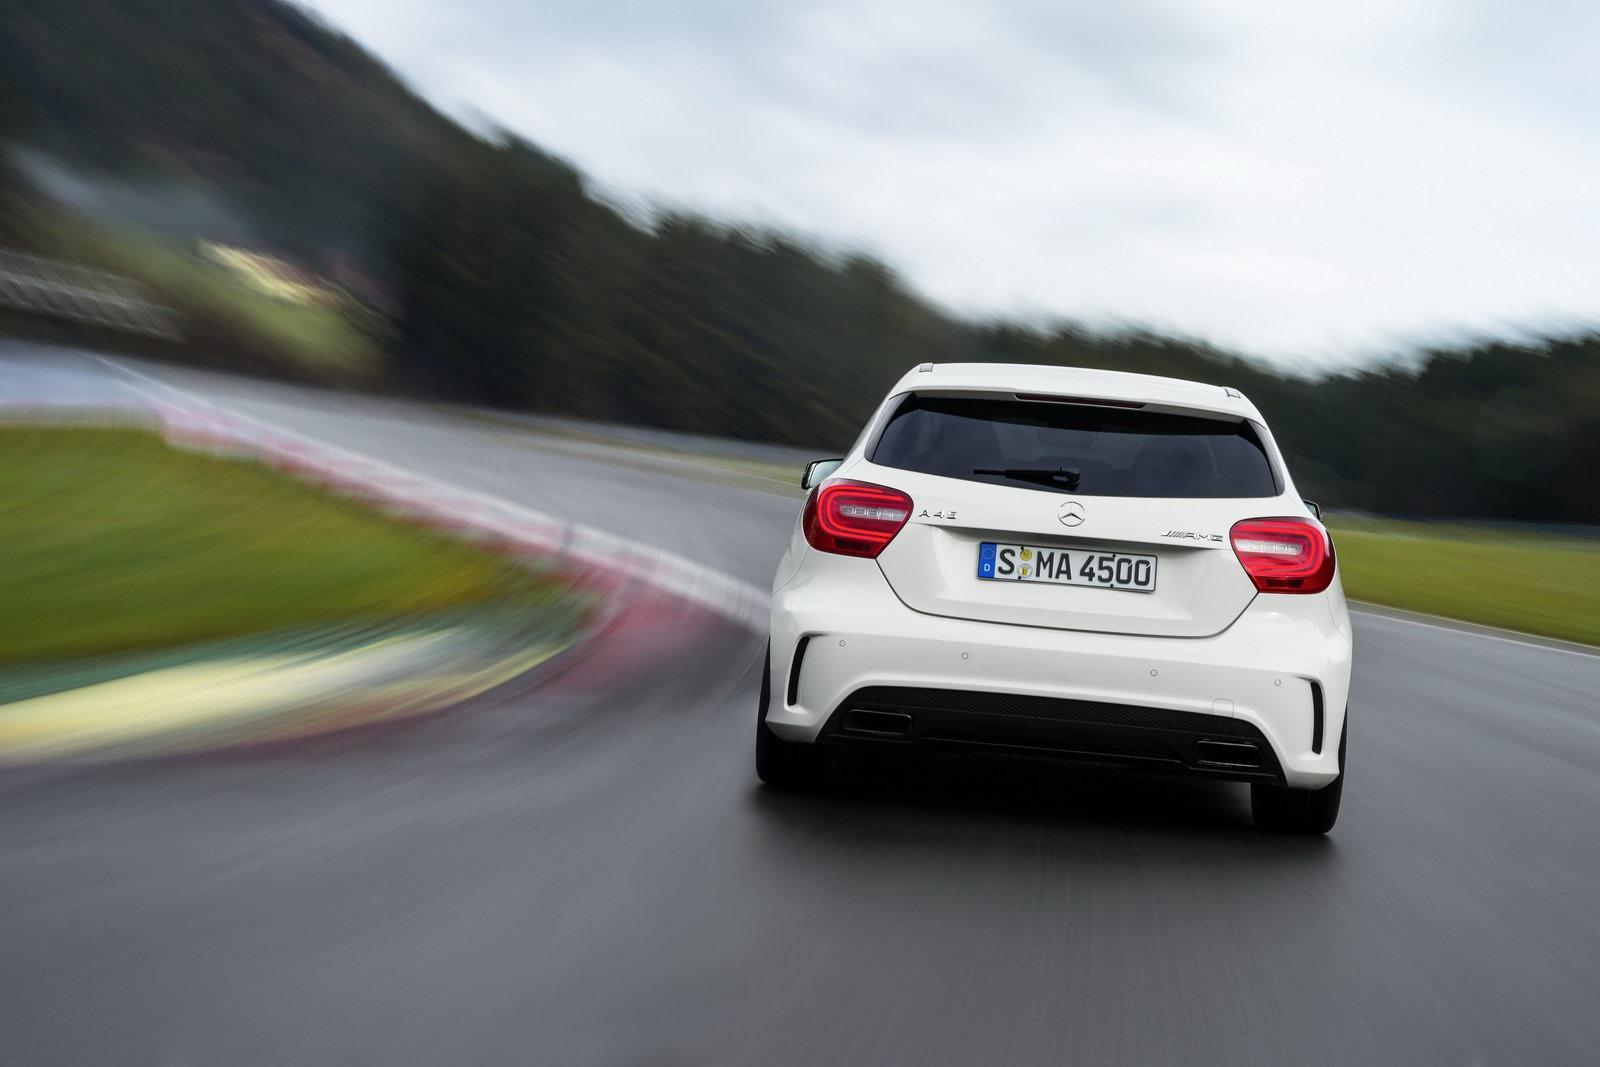 http://3.bp.blogspot.com/-uiWFYhJBbfQ/UTfEyBHf5dI/AAAAAAAASWs/4NojWOnsbj8/s1600/Mercedes-Benz-A-45-AMG-22%5B2%5D.jpg